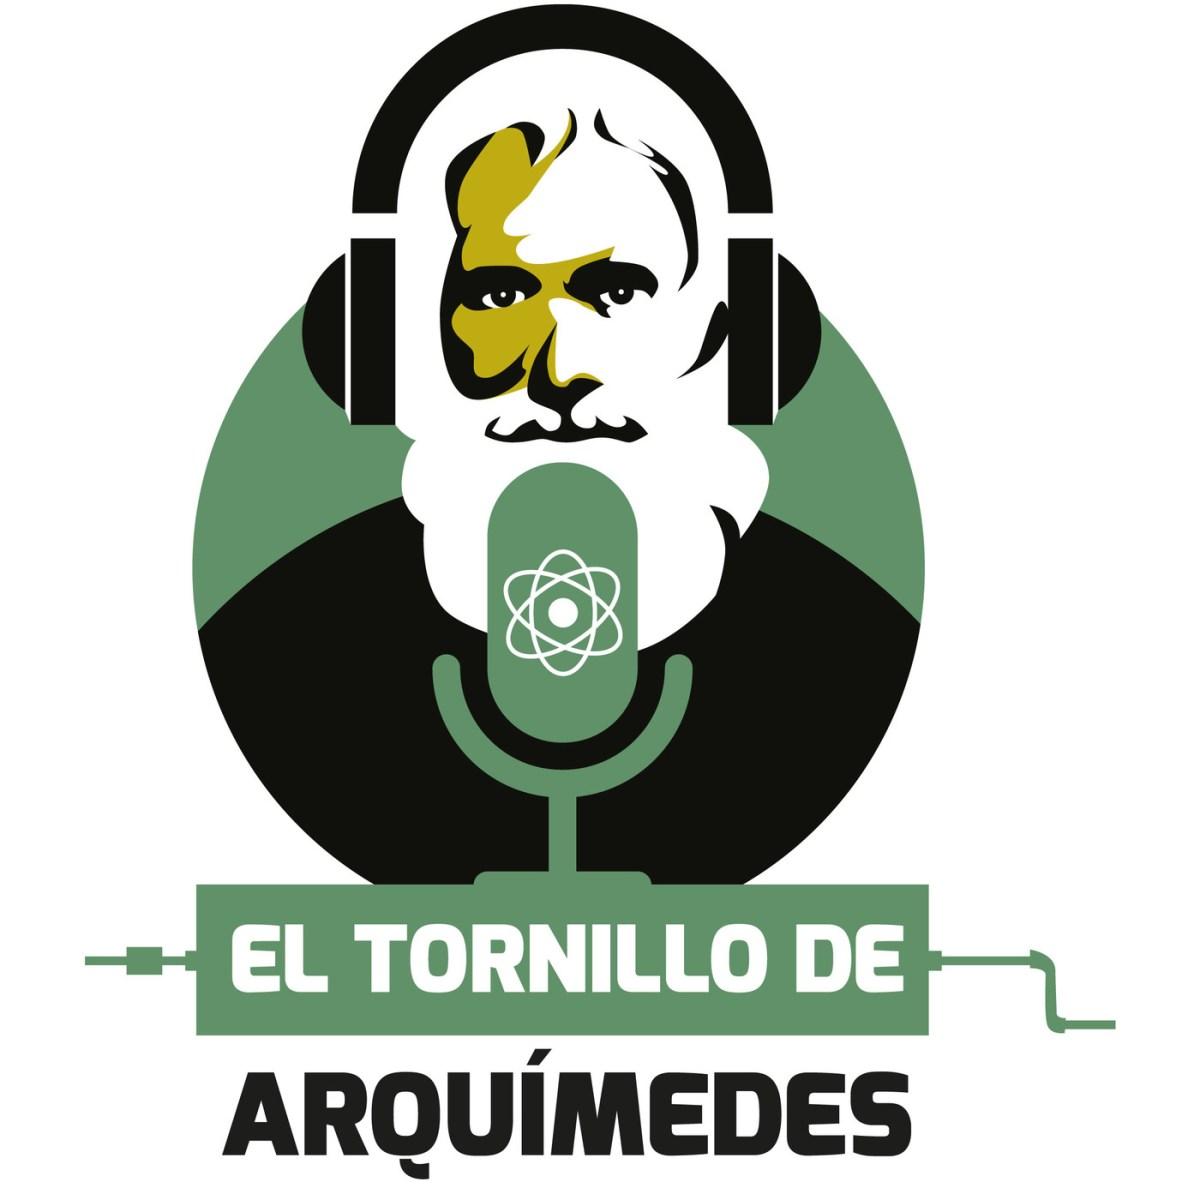 El Tornillo de Arquímedes 20-07-21: De evolución temprana del metabolismo, super pegamento y fraudes con grafeno